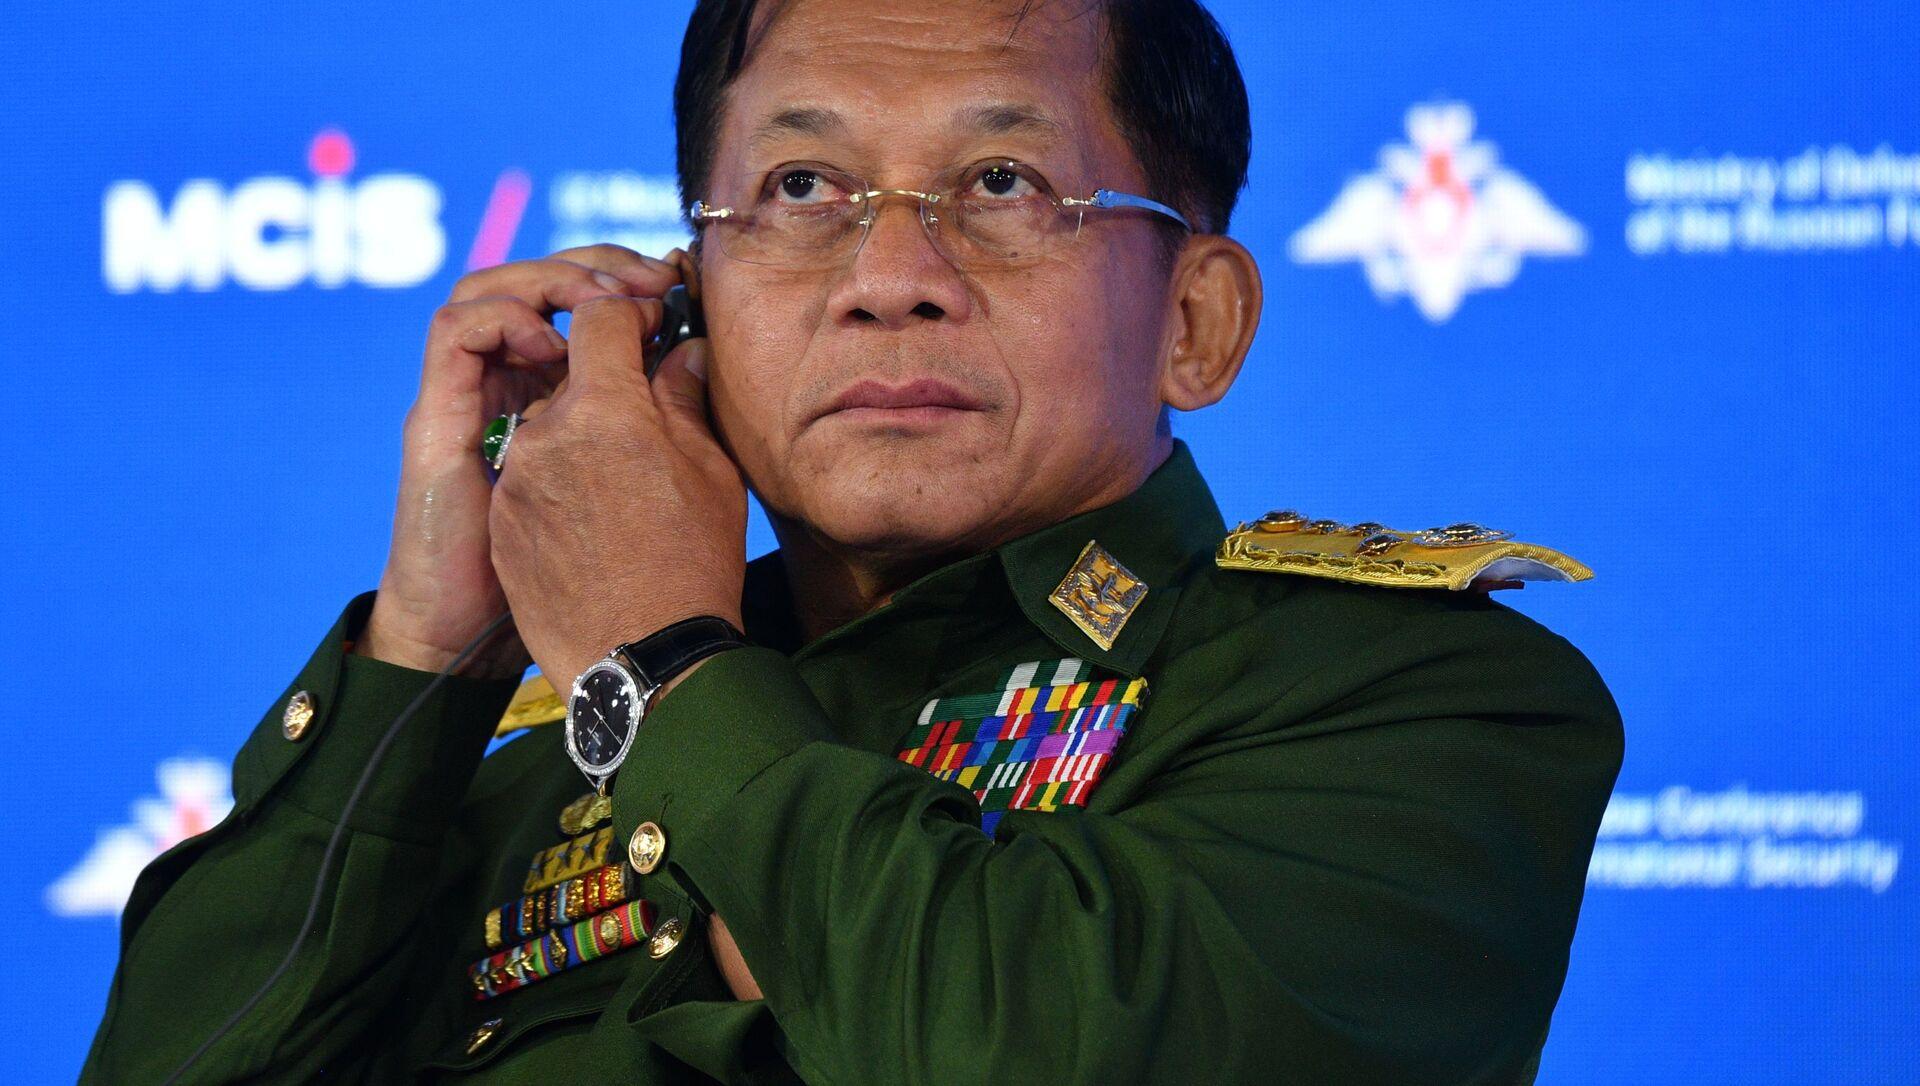 Lãnh đạo quân đội Myanmar, Chủ tịch Hội đồng Hành chính Nhà nước kiêm Tổng Tư lệnh Các lực lượng Vũ trang, Thượng tướng Min Aung Hline - Sputnik Việt Nam, 1920, 28.06.2021